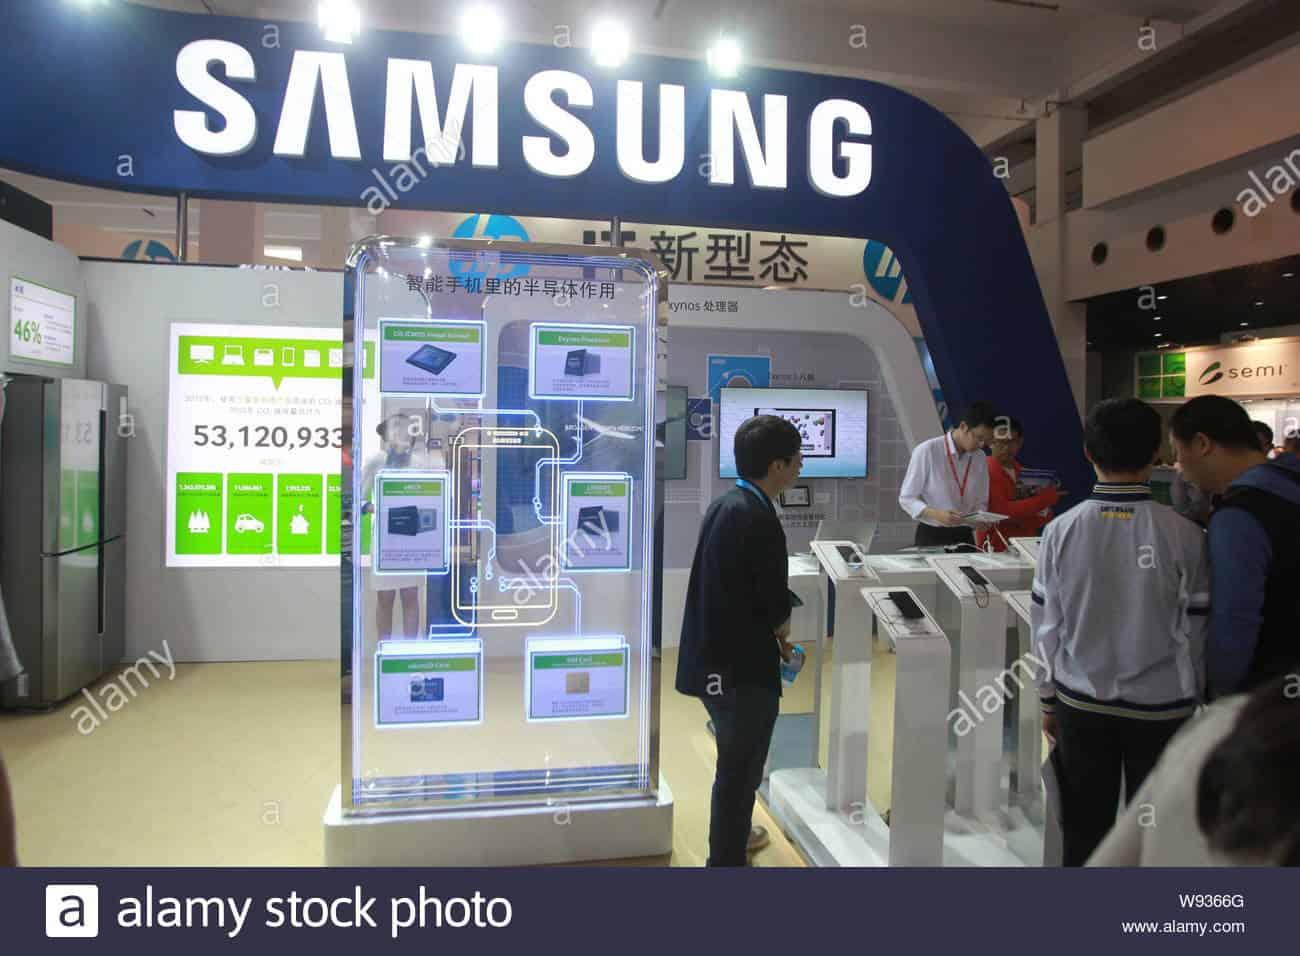 Samsung Shanghai